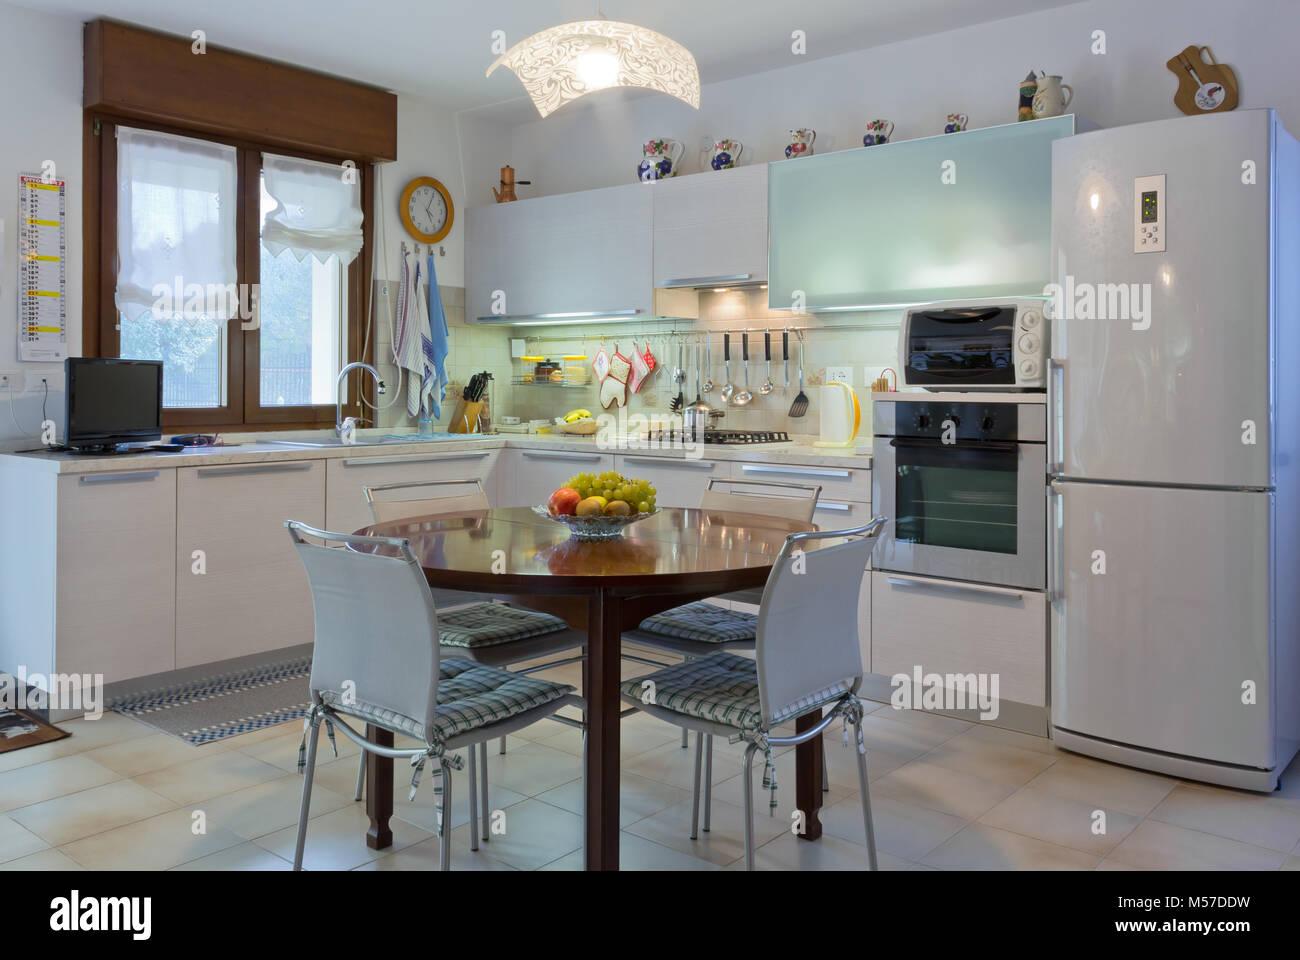 Fußboden Für Weiße Küche ~ Italienische moderne weiße home küche interieur mit runden holztisch